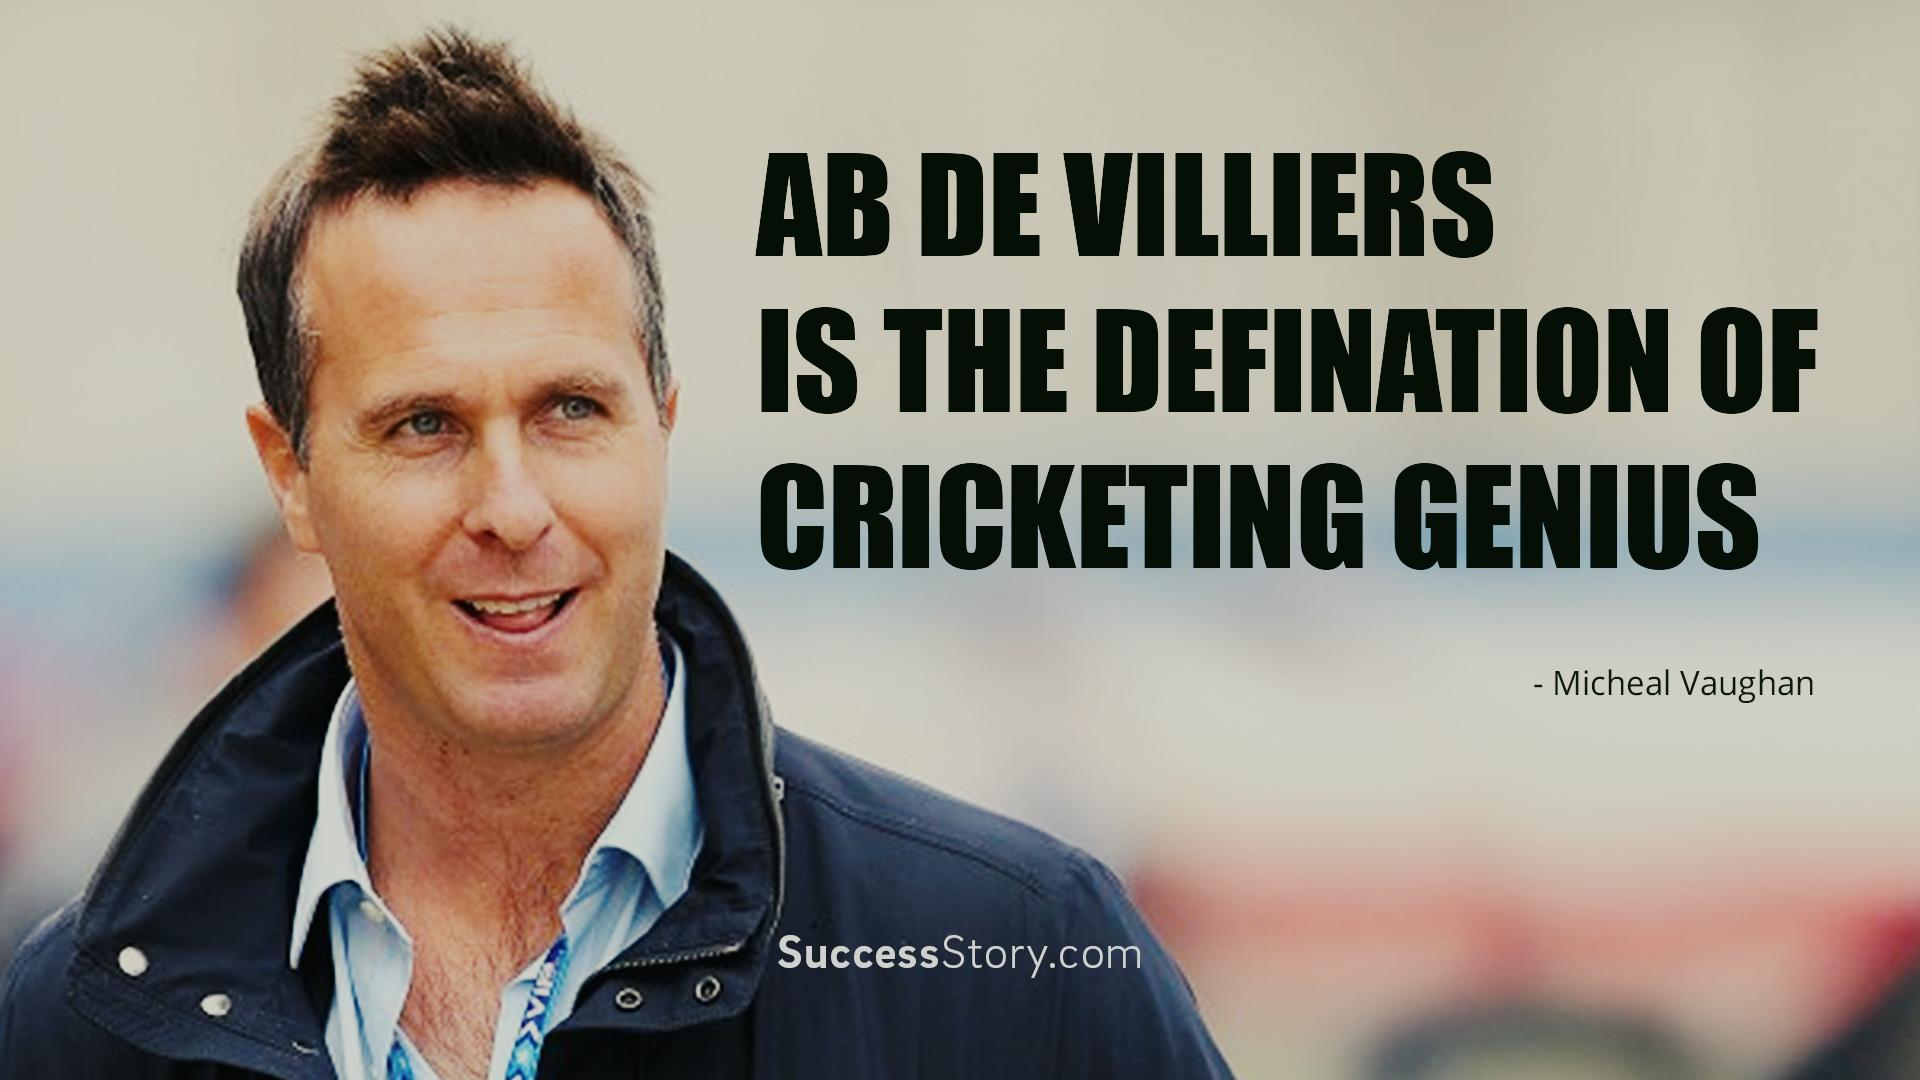 Ab De Villiers is the defination